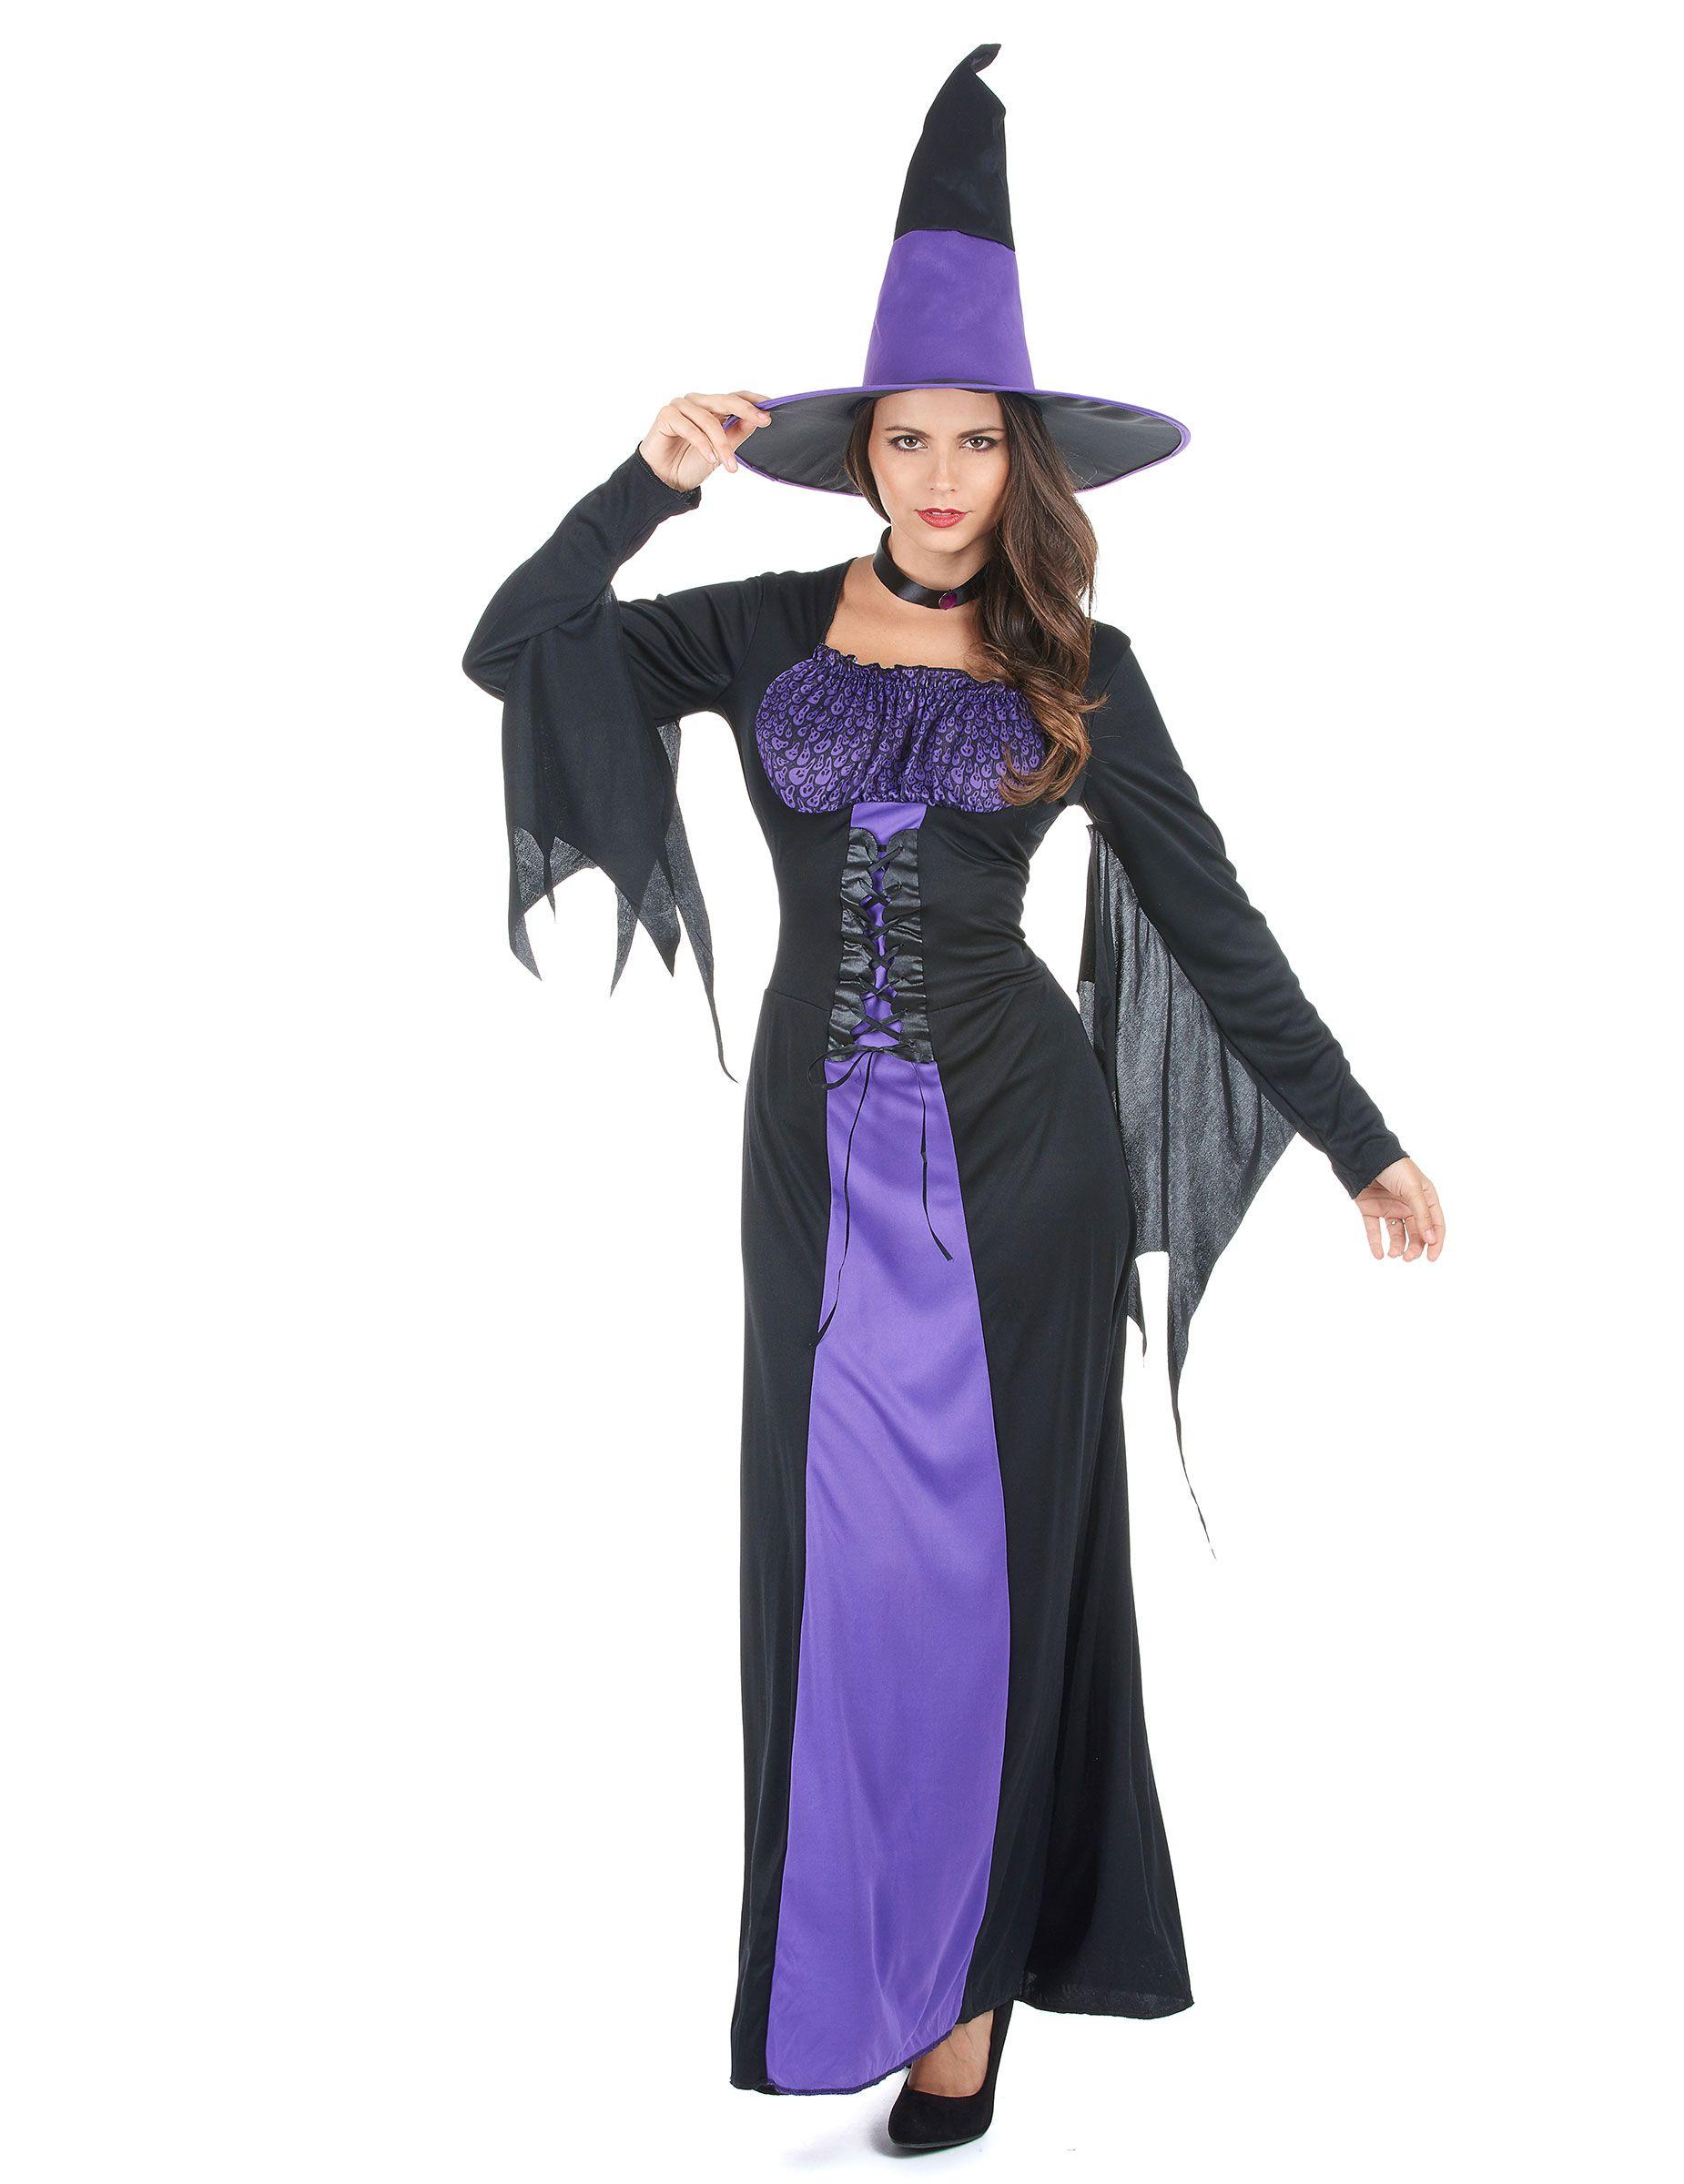 Costume da strega nero e viola per donna Halloween  Questo travestimento da  strega per adulto f23ca38cbb8a